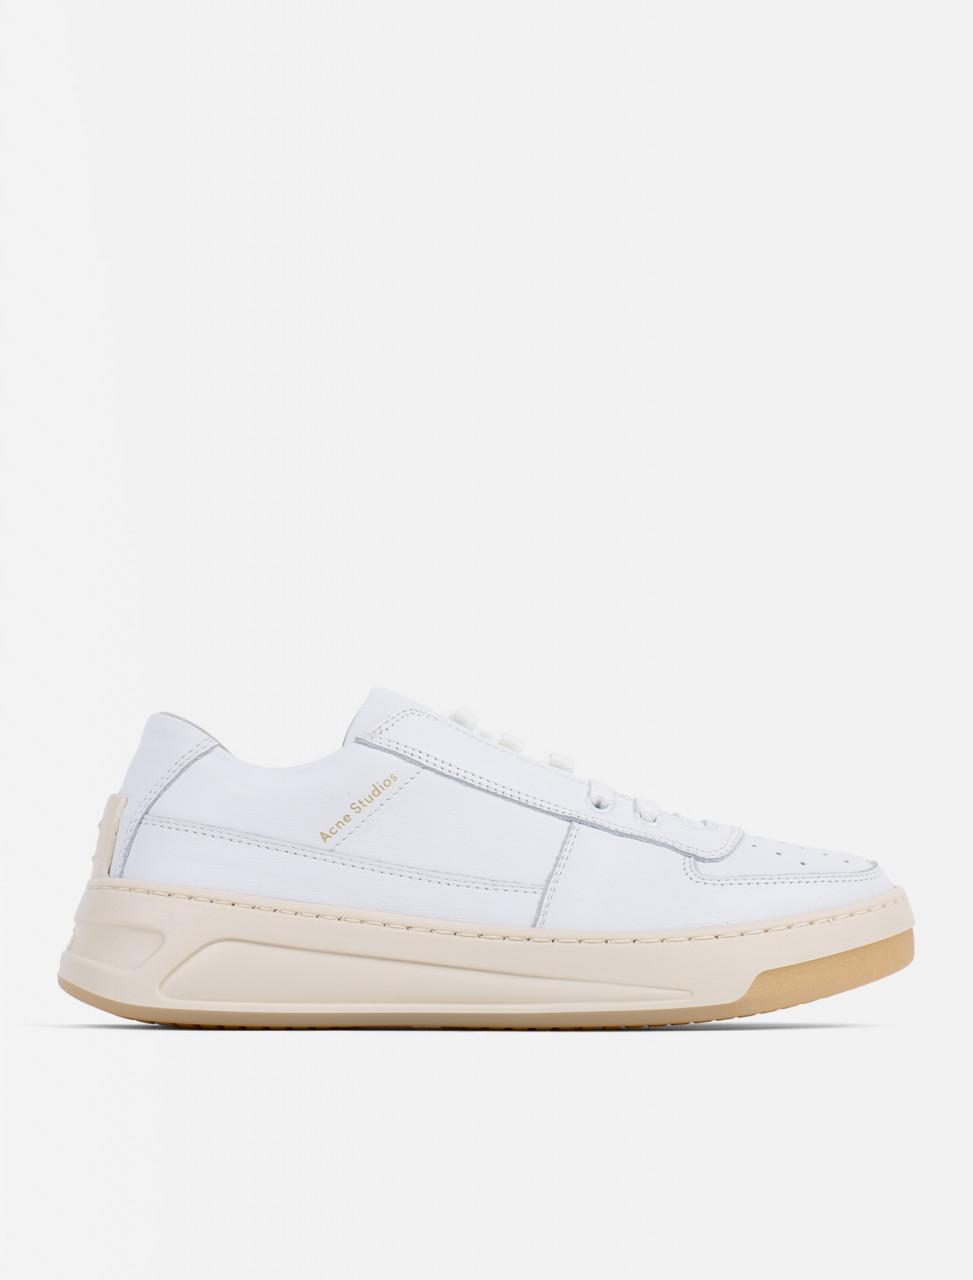 Steffey Lace Up Shoe